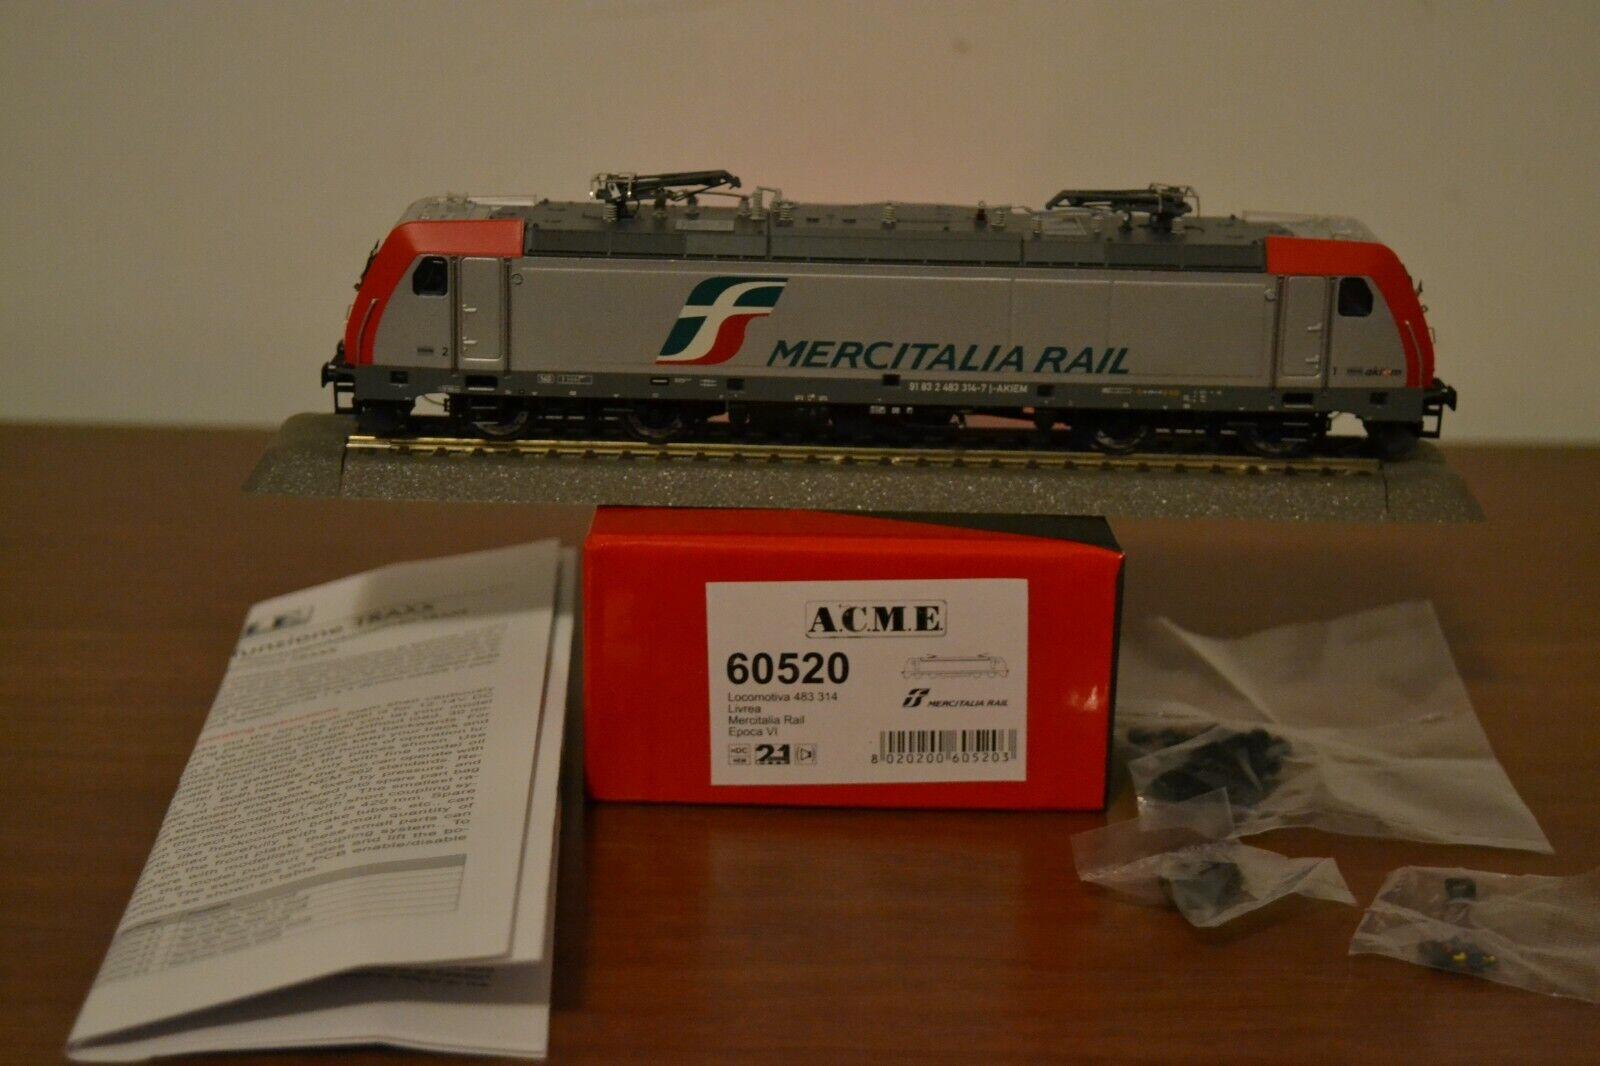 Acme 60520 Traxx 2E 483.314 Mercitalia Rail FS HO 1 87